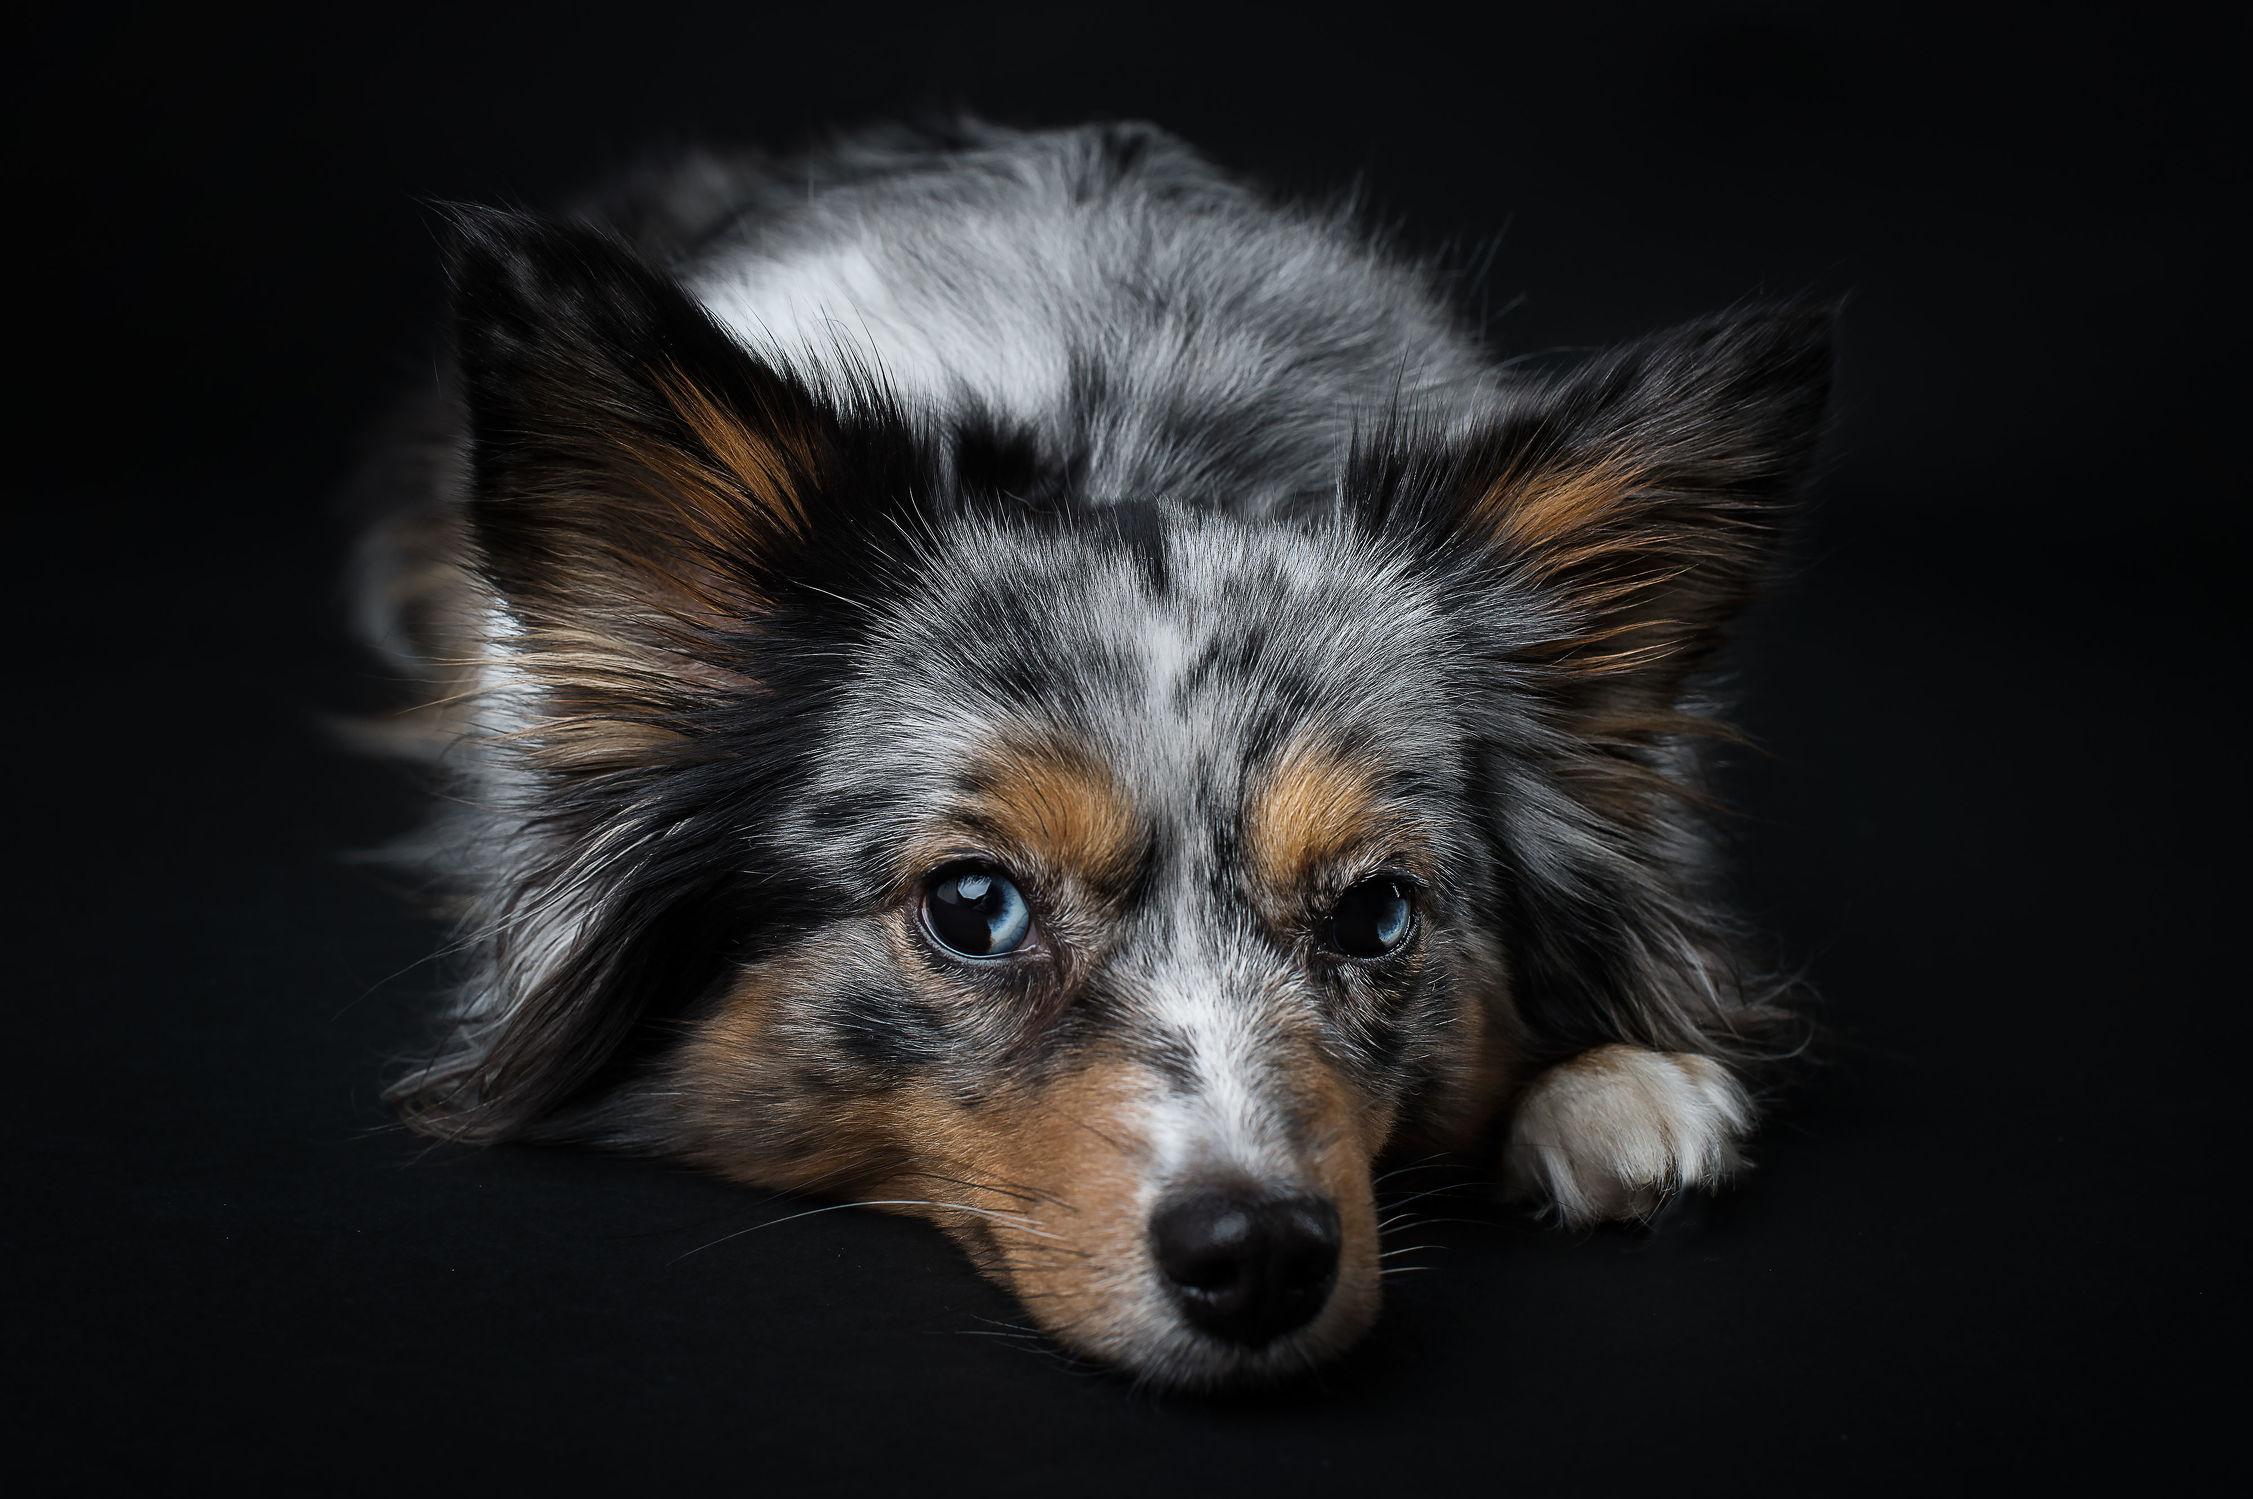 Bild mit Tiere, Tiere, Haustiere, Hunde, Hunde, Tier, Tier, Hund, Hund, Hundebild, Tierwelt, Hundebabys, Haustier, aussie, Miniature American Shepherd